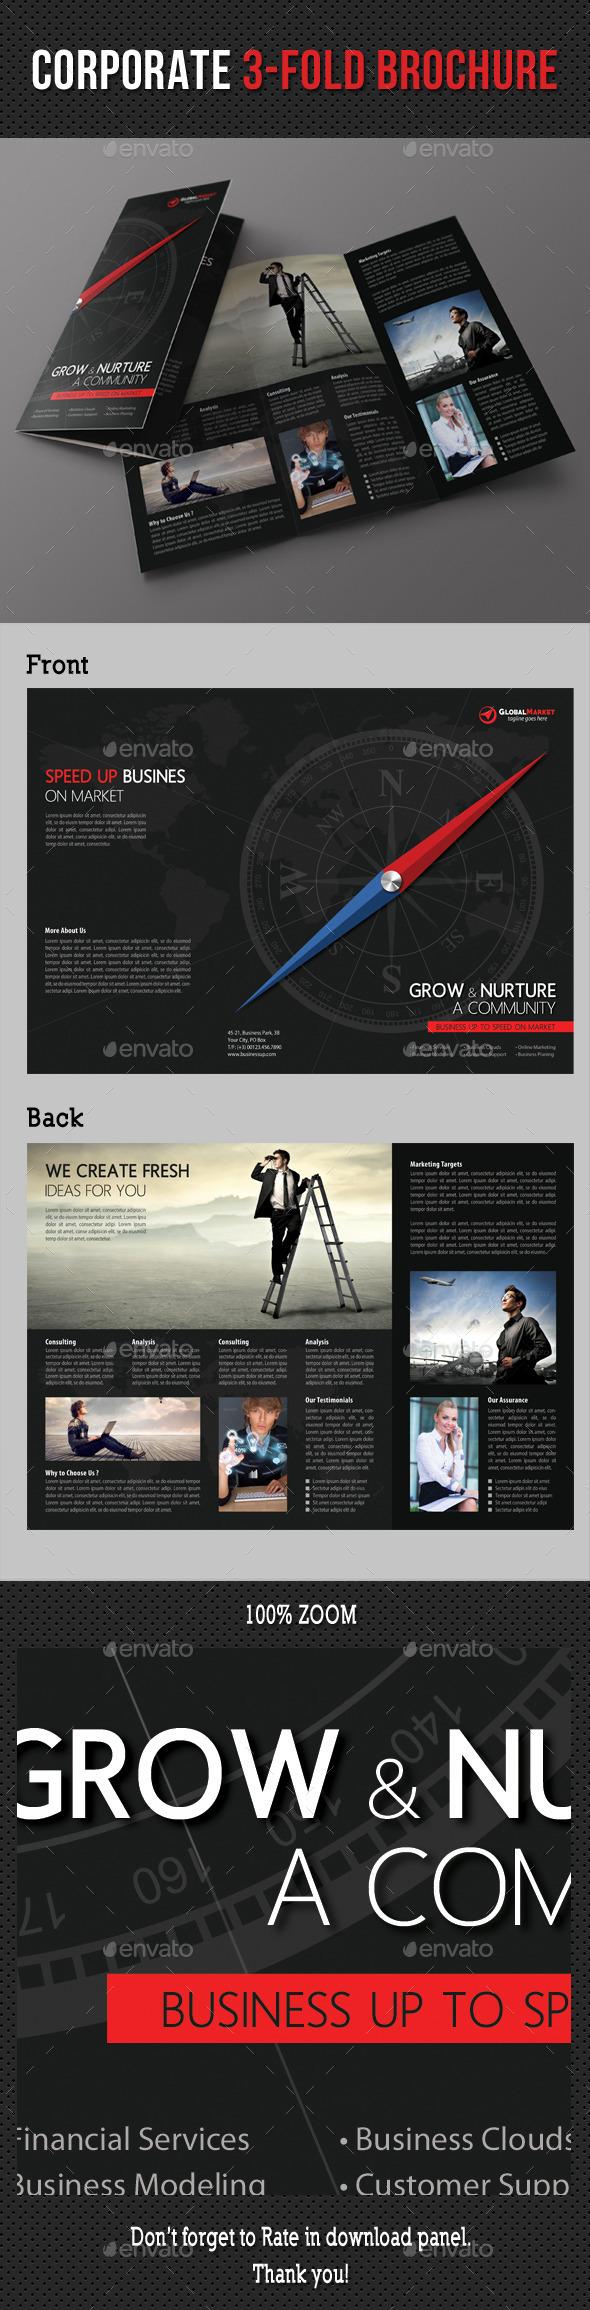 GraphicRiver Corporate 3-Fold Brochure 32 11024959